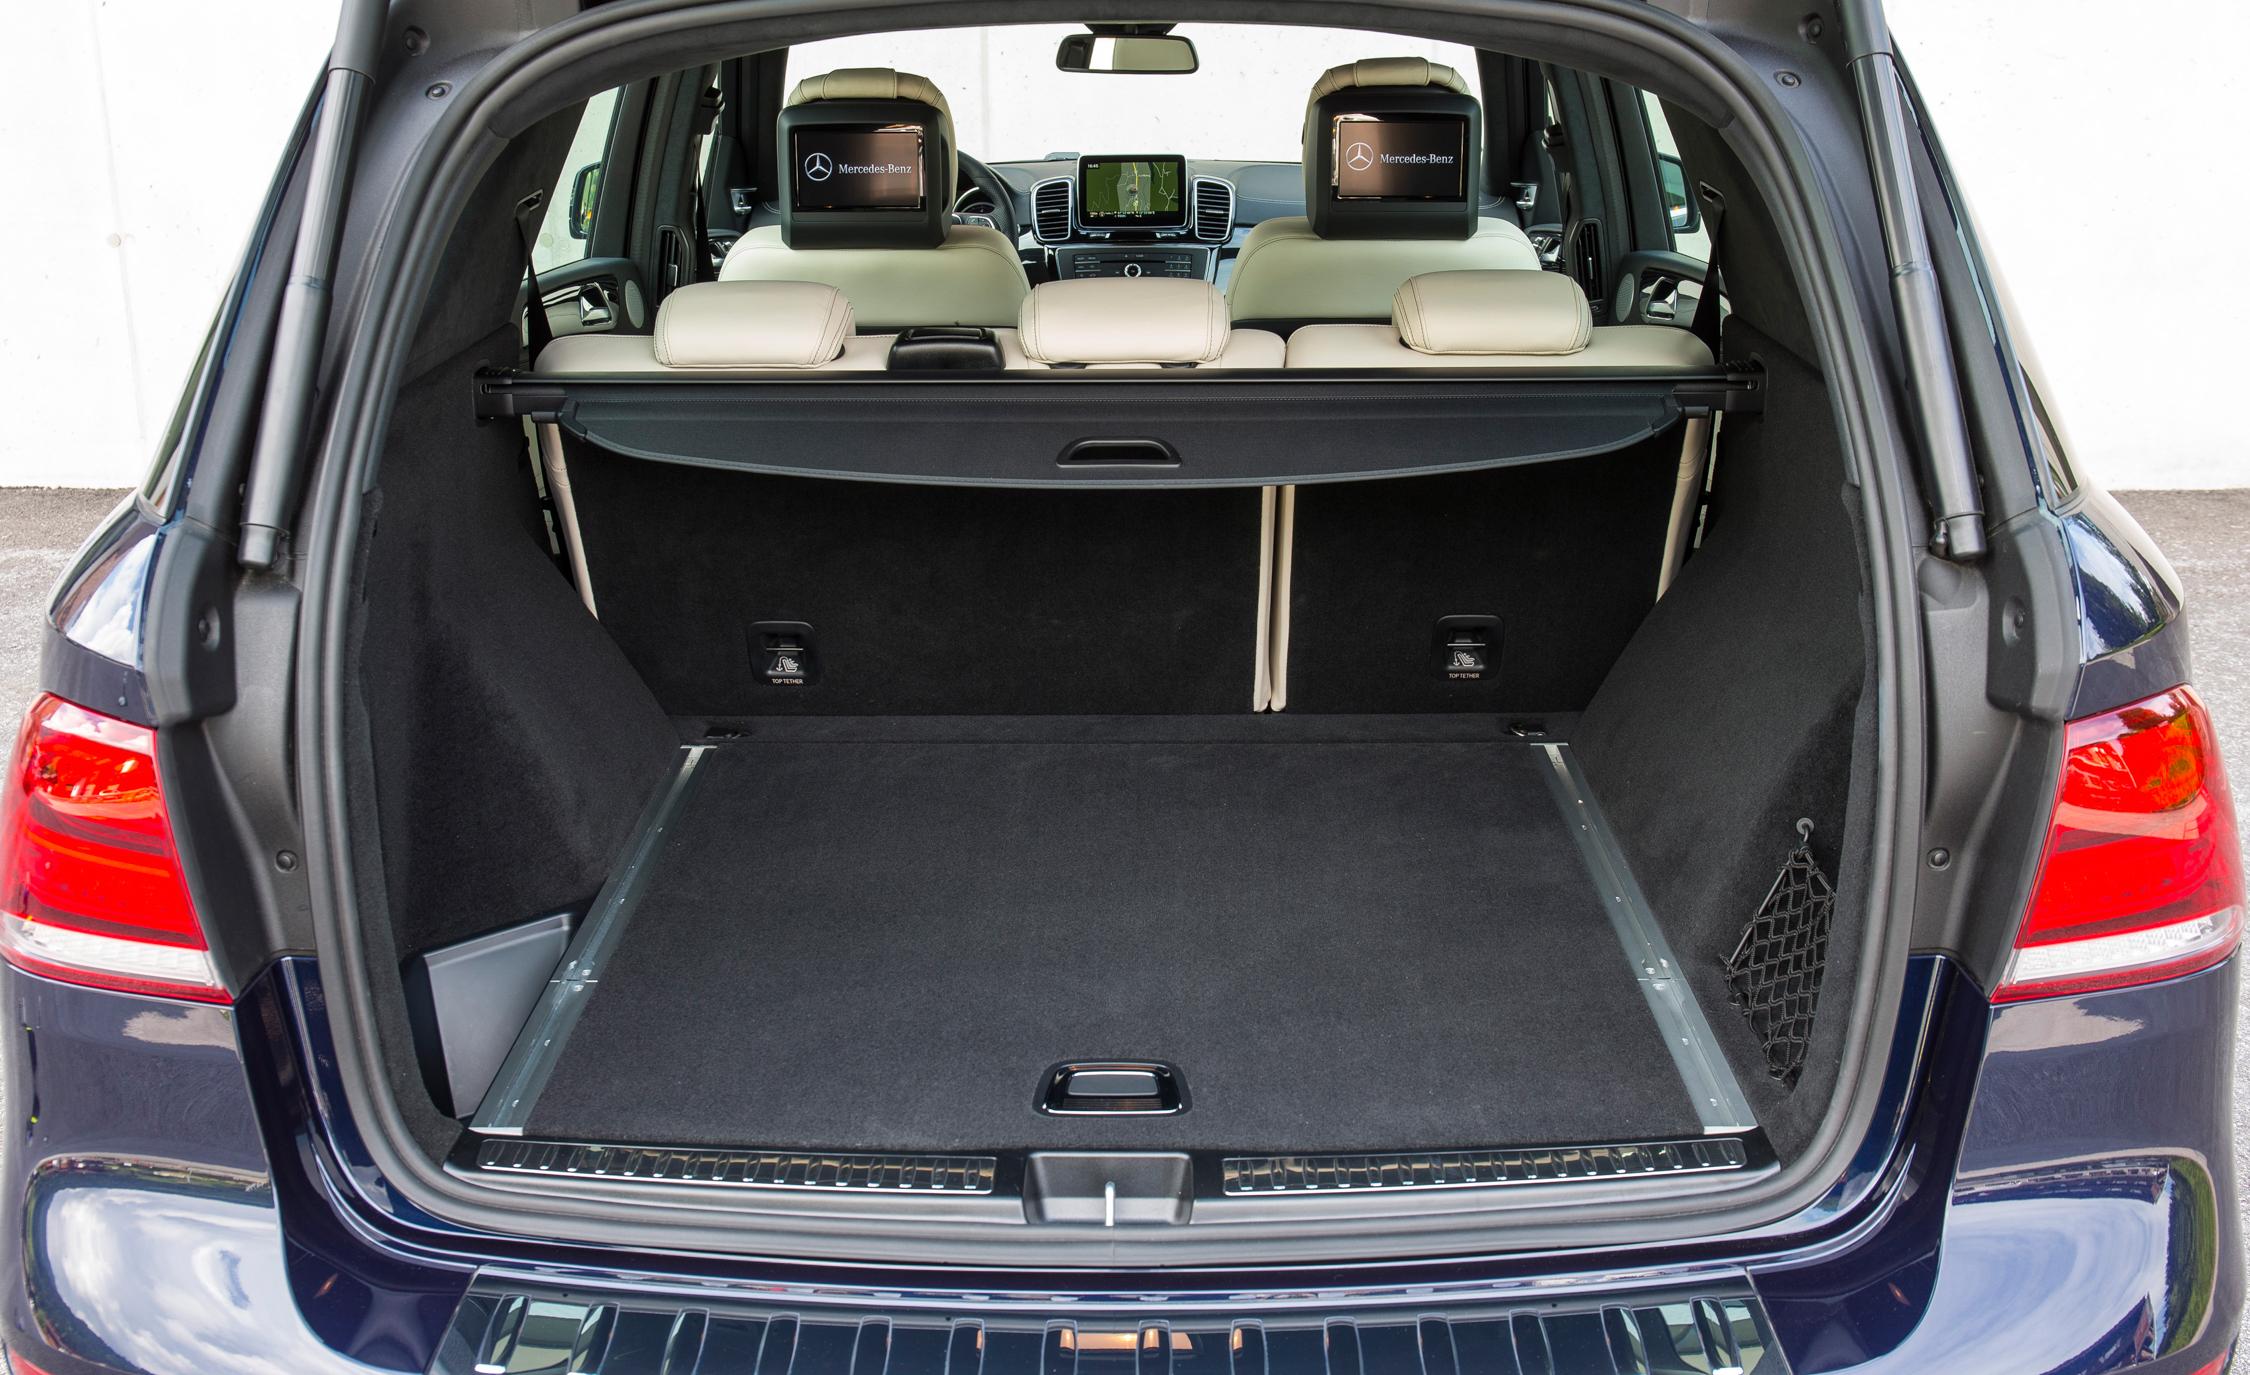 2016 Mercedes-Benz GLE250d 4MATIC Interior Trunk